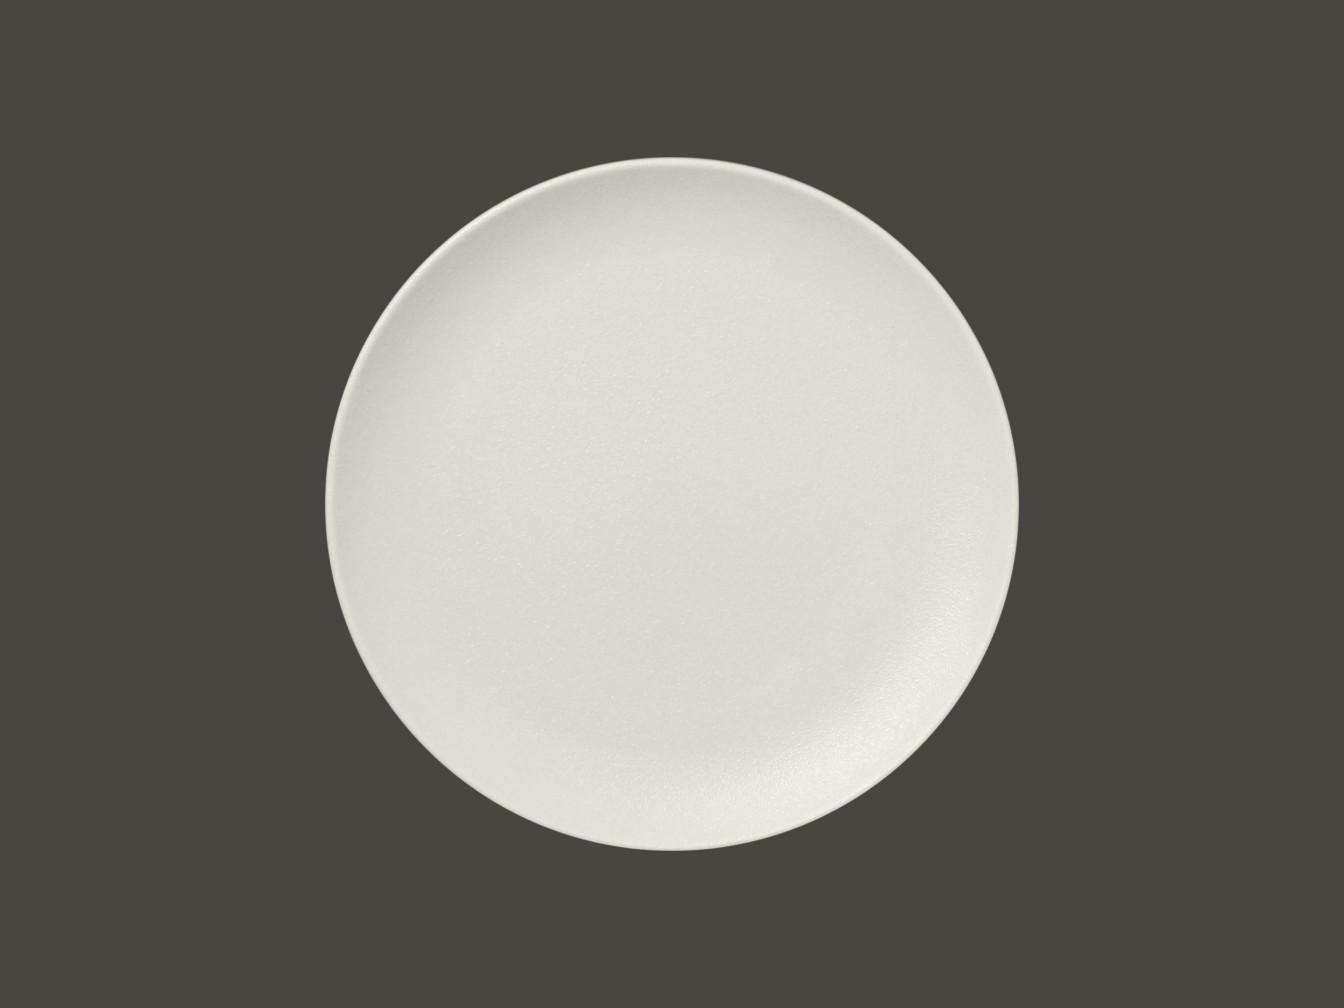 mělký coupe talíř - bílá Neofusion